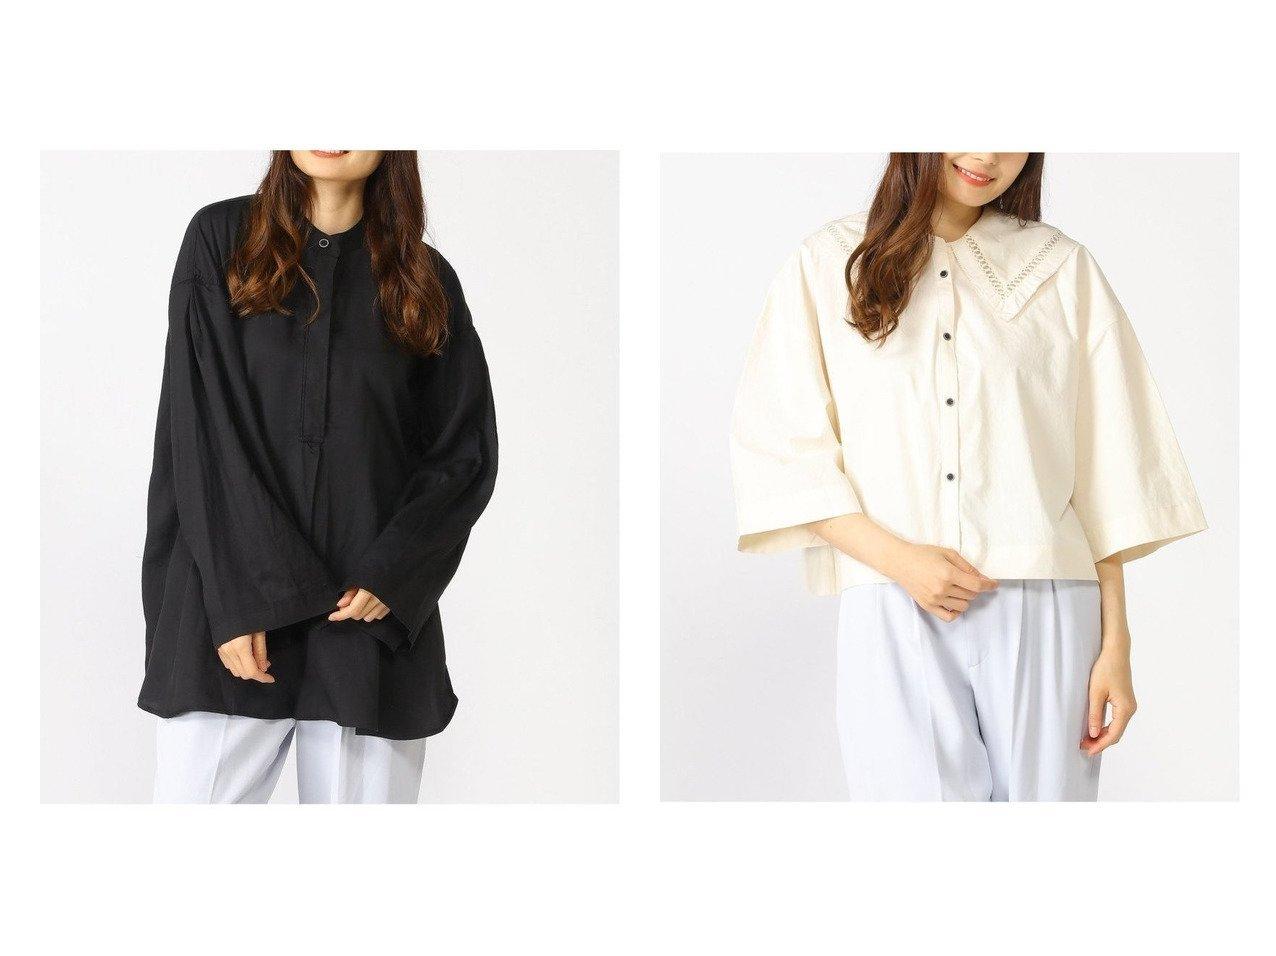 【JEANASiS/ジーナシス】のカットワークカラーショートSH&スプリットスリーブBCSH 【プチプライス・低価格】おすすめ!人気、トレンド・レディースファッションの通販 おすすめで人気の流行・トレンド、ファッションの通販商品 インテリア・家具・メンズファッション・キッズファッション・レディースファッション・服の通販 founy(ファニー) https://founy.com/ ファッション Fashion レディースファッション WOMEN トップス・カットソー Tops/Tshirt シャツ/ブラウス Shirts/Blouses NEW・新作・新着・新入荷 New Arrivals おすすめ Recommend シンプル スリット スリーブ トレンド フレア フロント 定番 Standard 長袖 ウォッシャブル ショート バランス ビッグ ヴィンテージ  ID:crp329100000042716